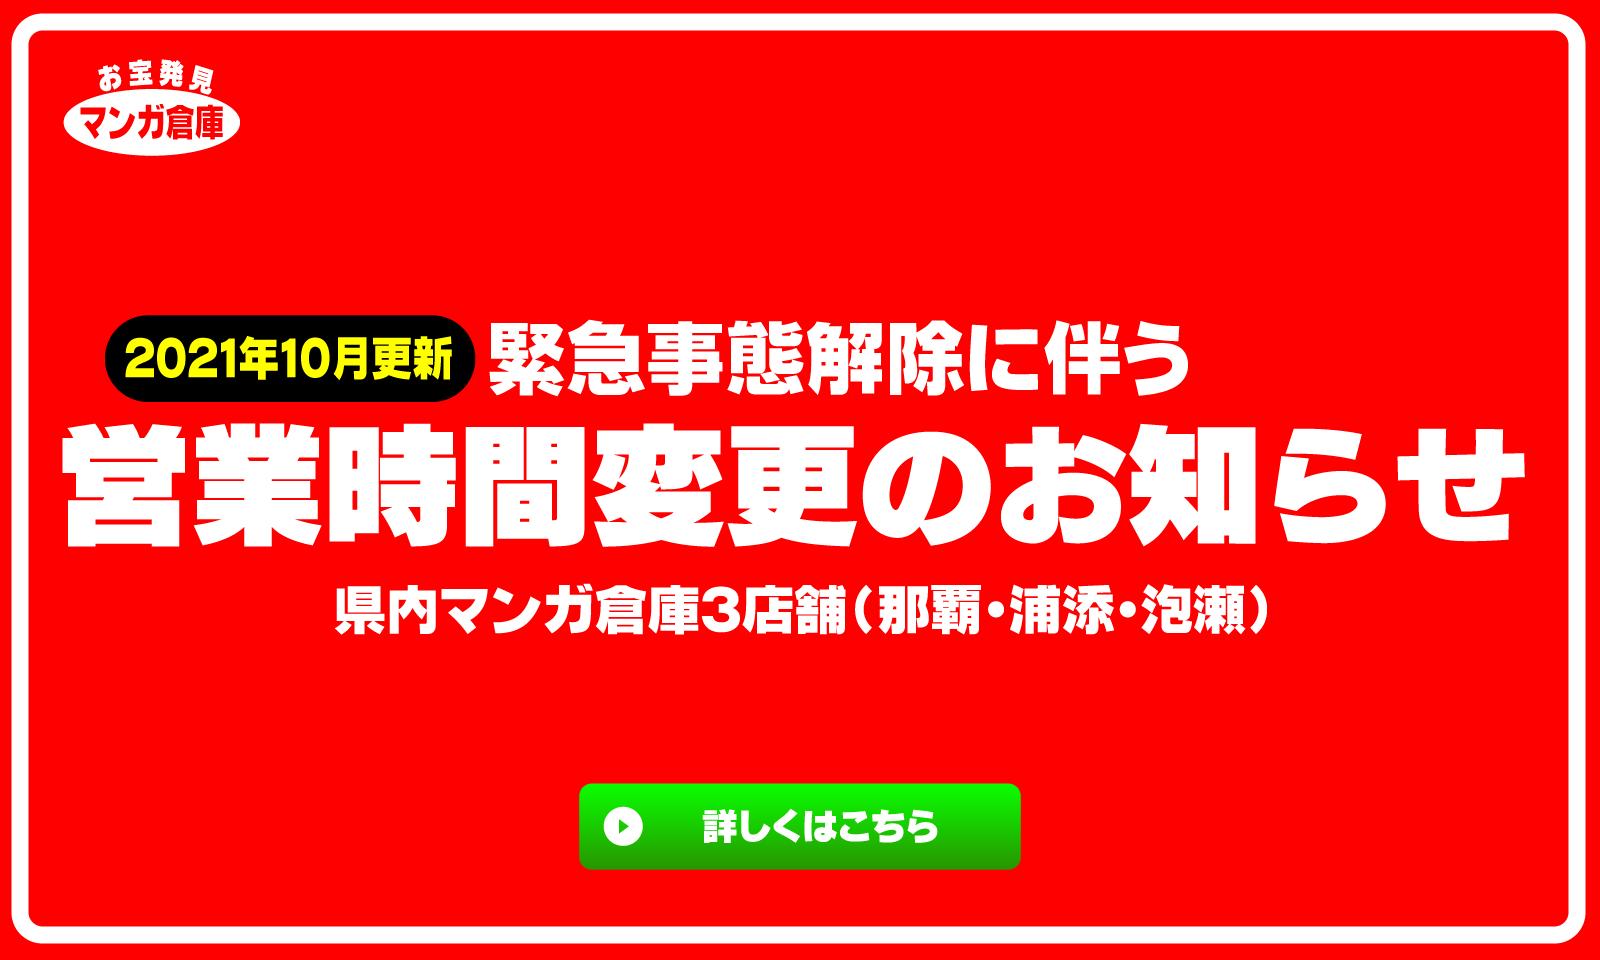 営業時間変更のお知らせ9/30更新